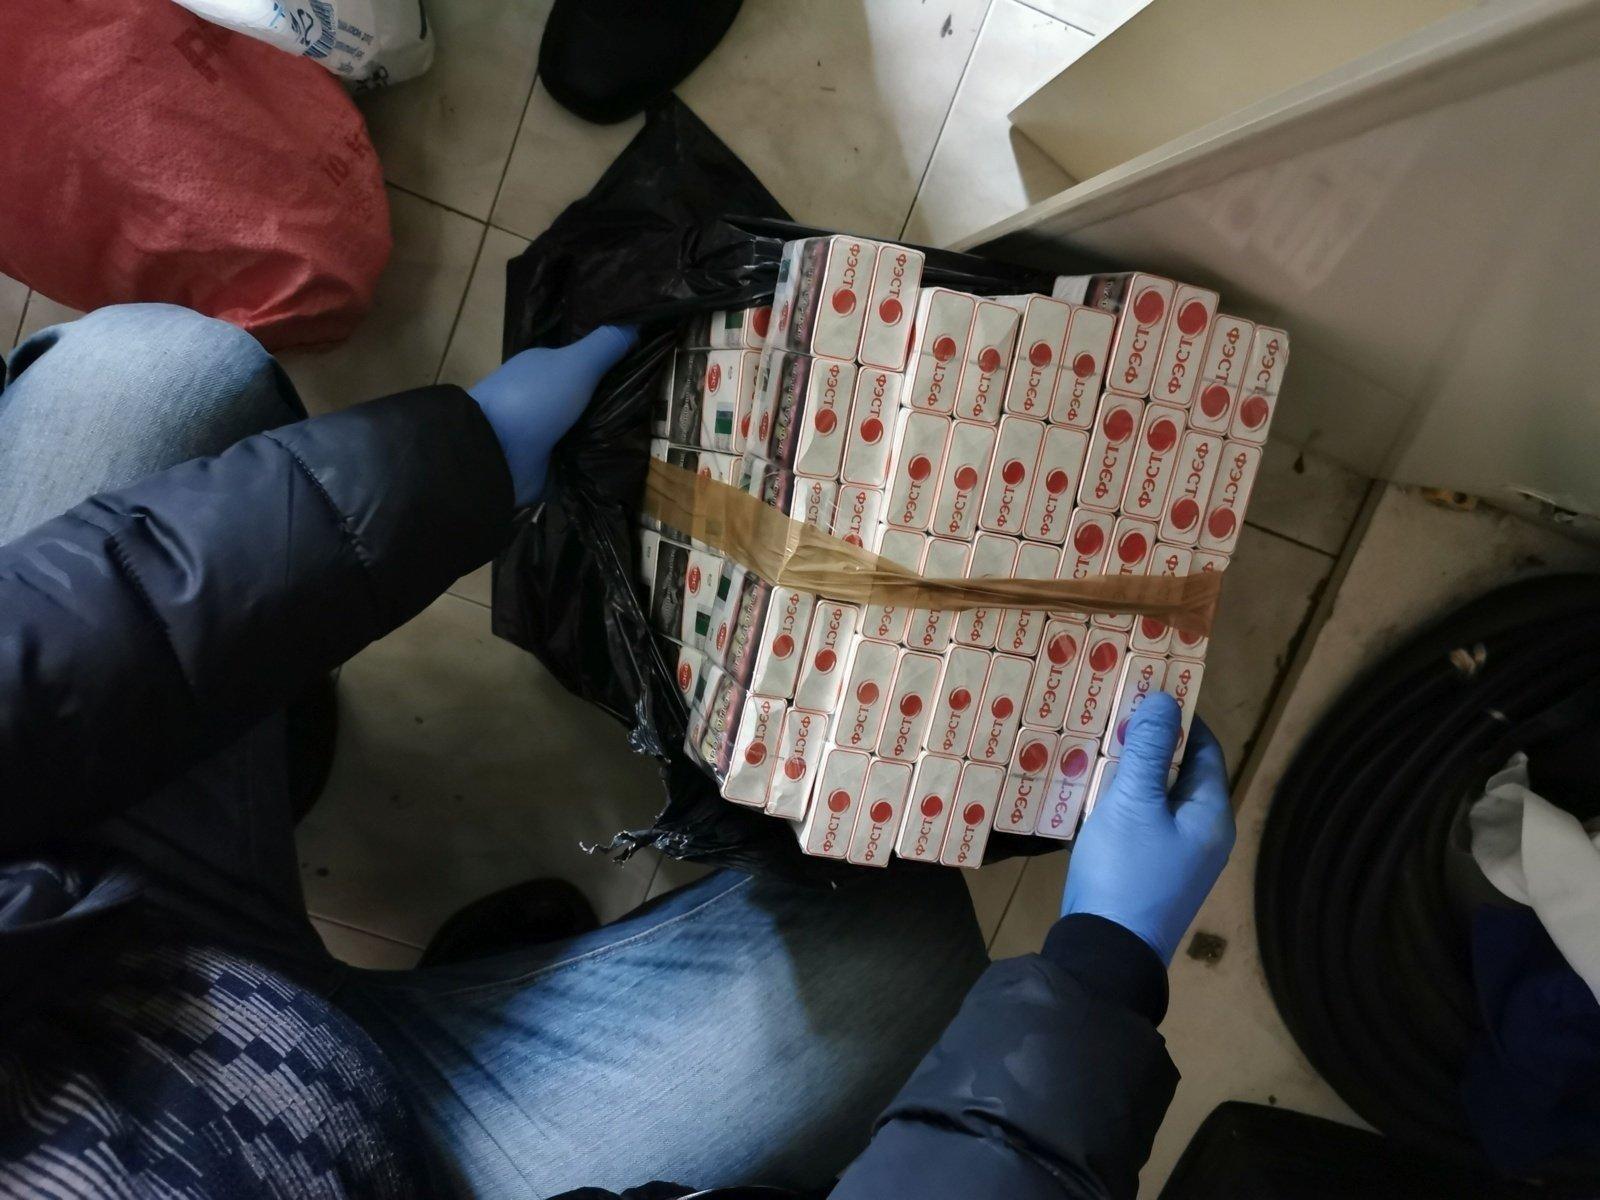 Akmenės rajone krovininio traukinio vagone rasta kontrabandinių baltarusiškų cigarečių